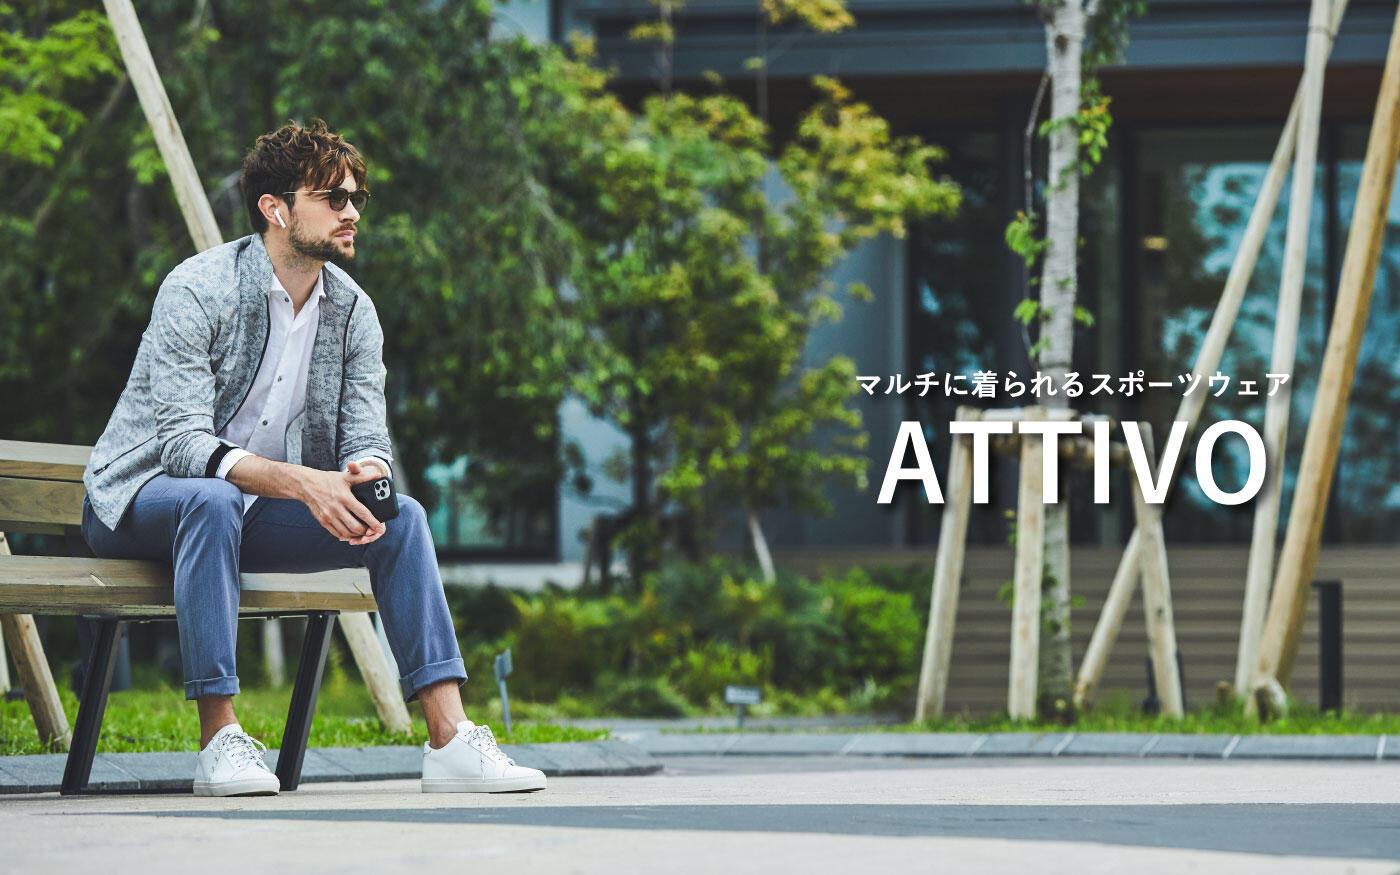 マルチに着られるスポーツウェア-ATTIVO-